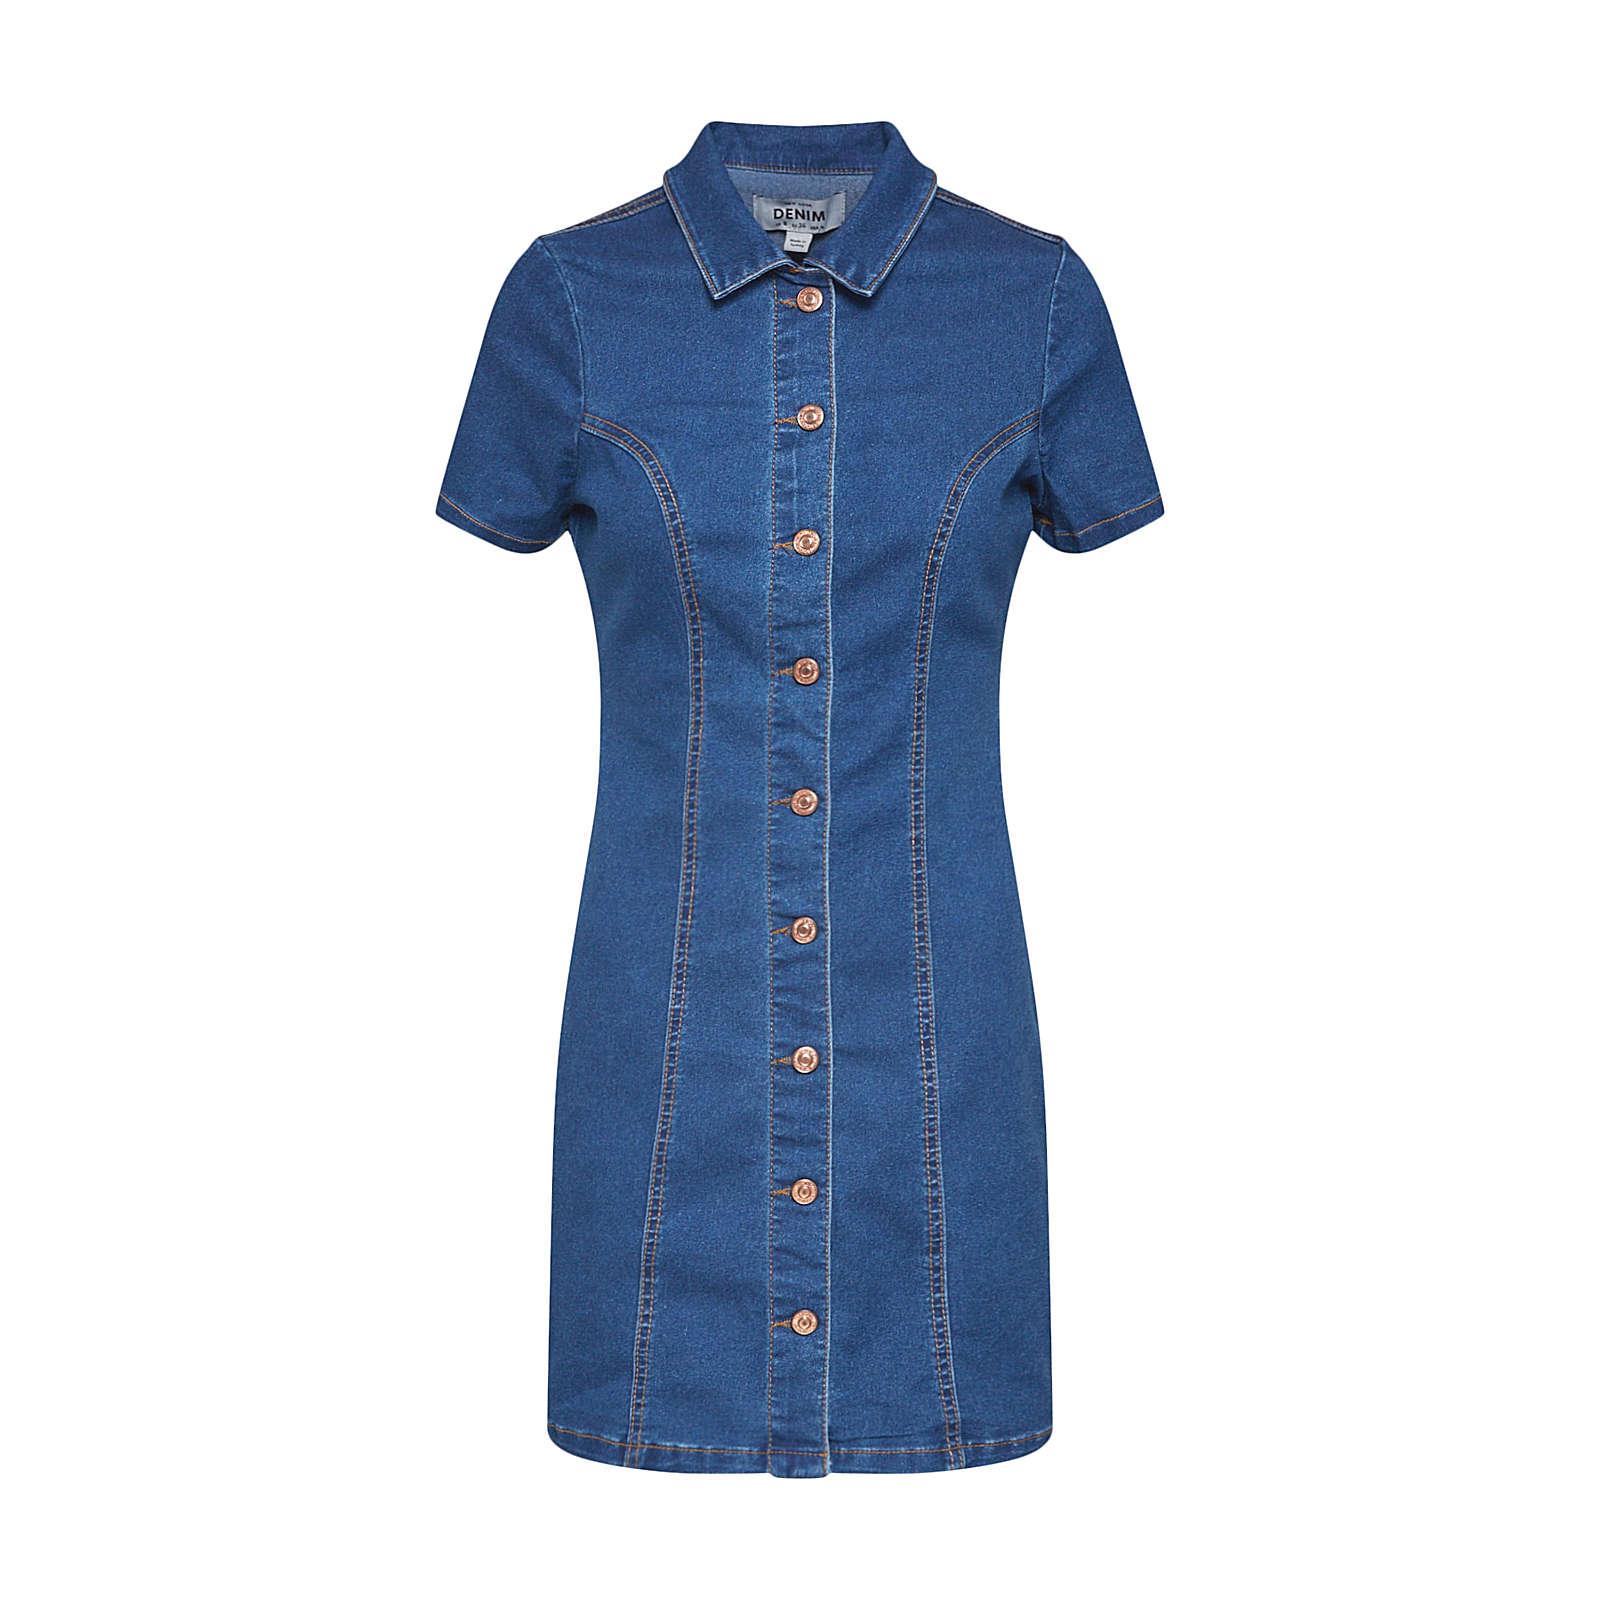 NEW LOOK Sommerkleid Sommerkleider blue denim Damen Gr. 40